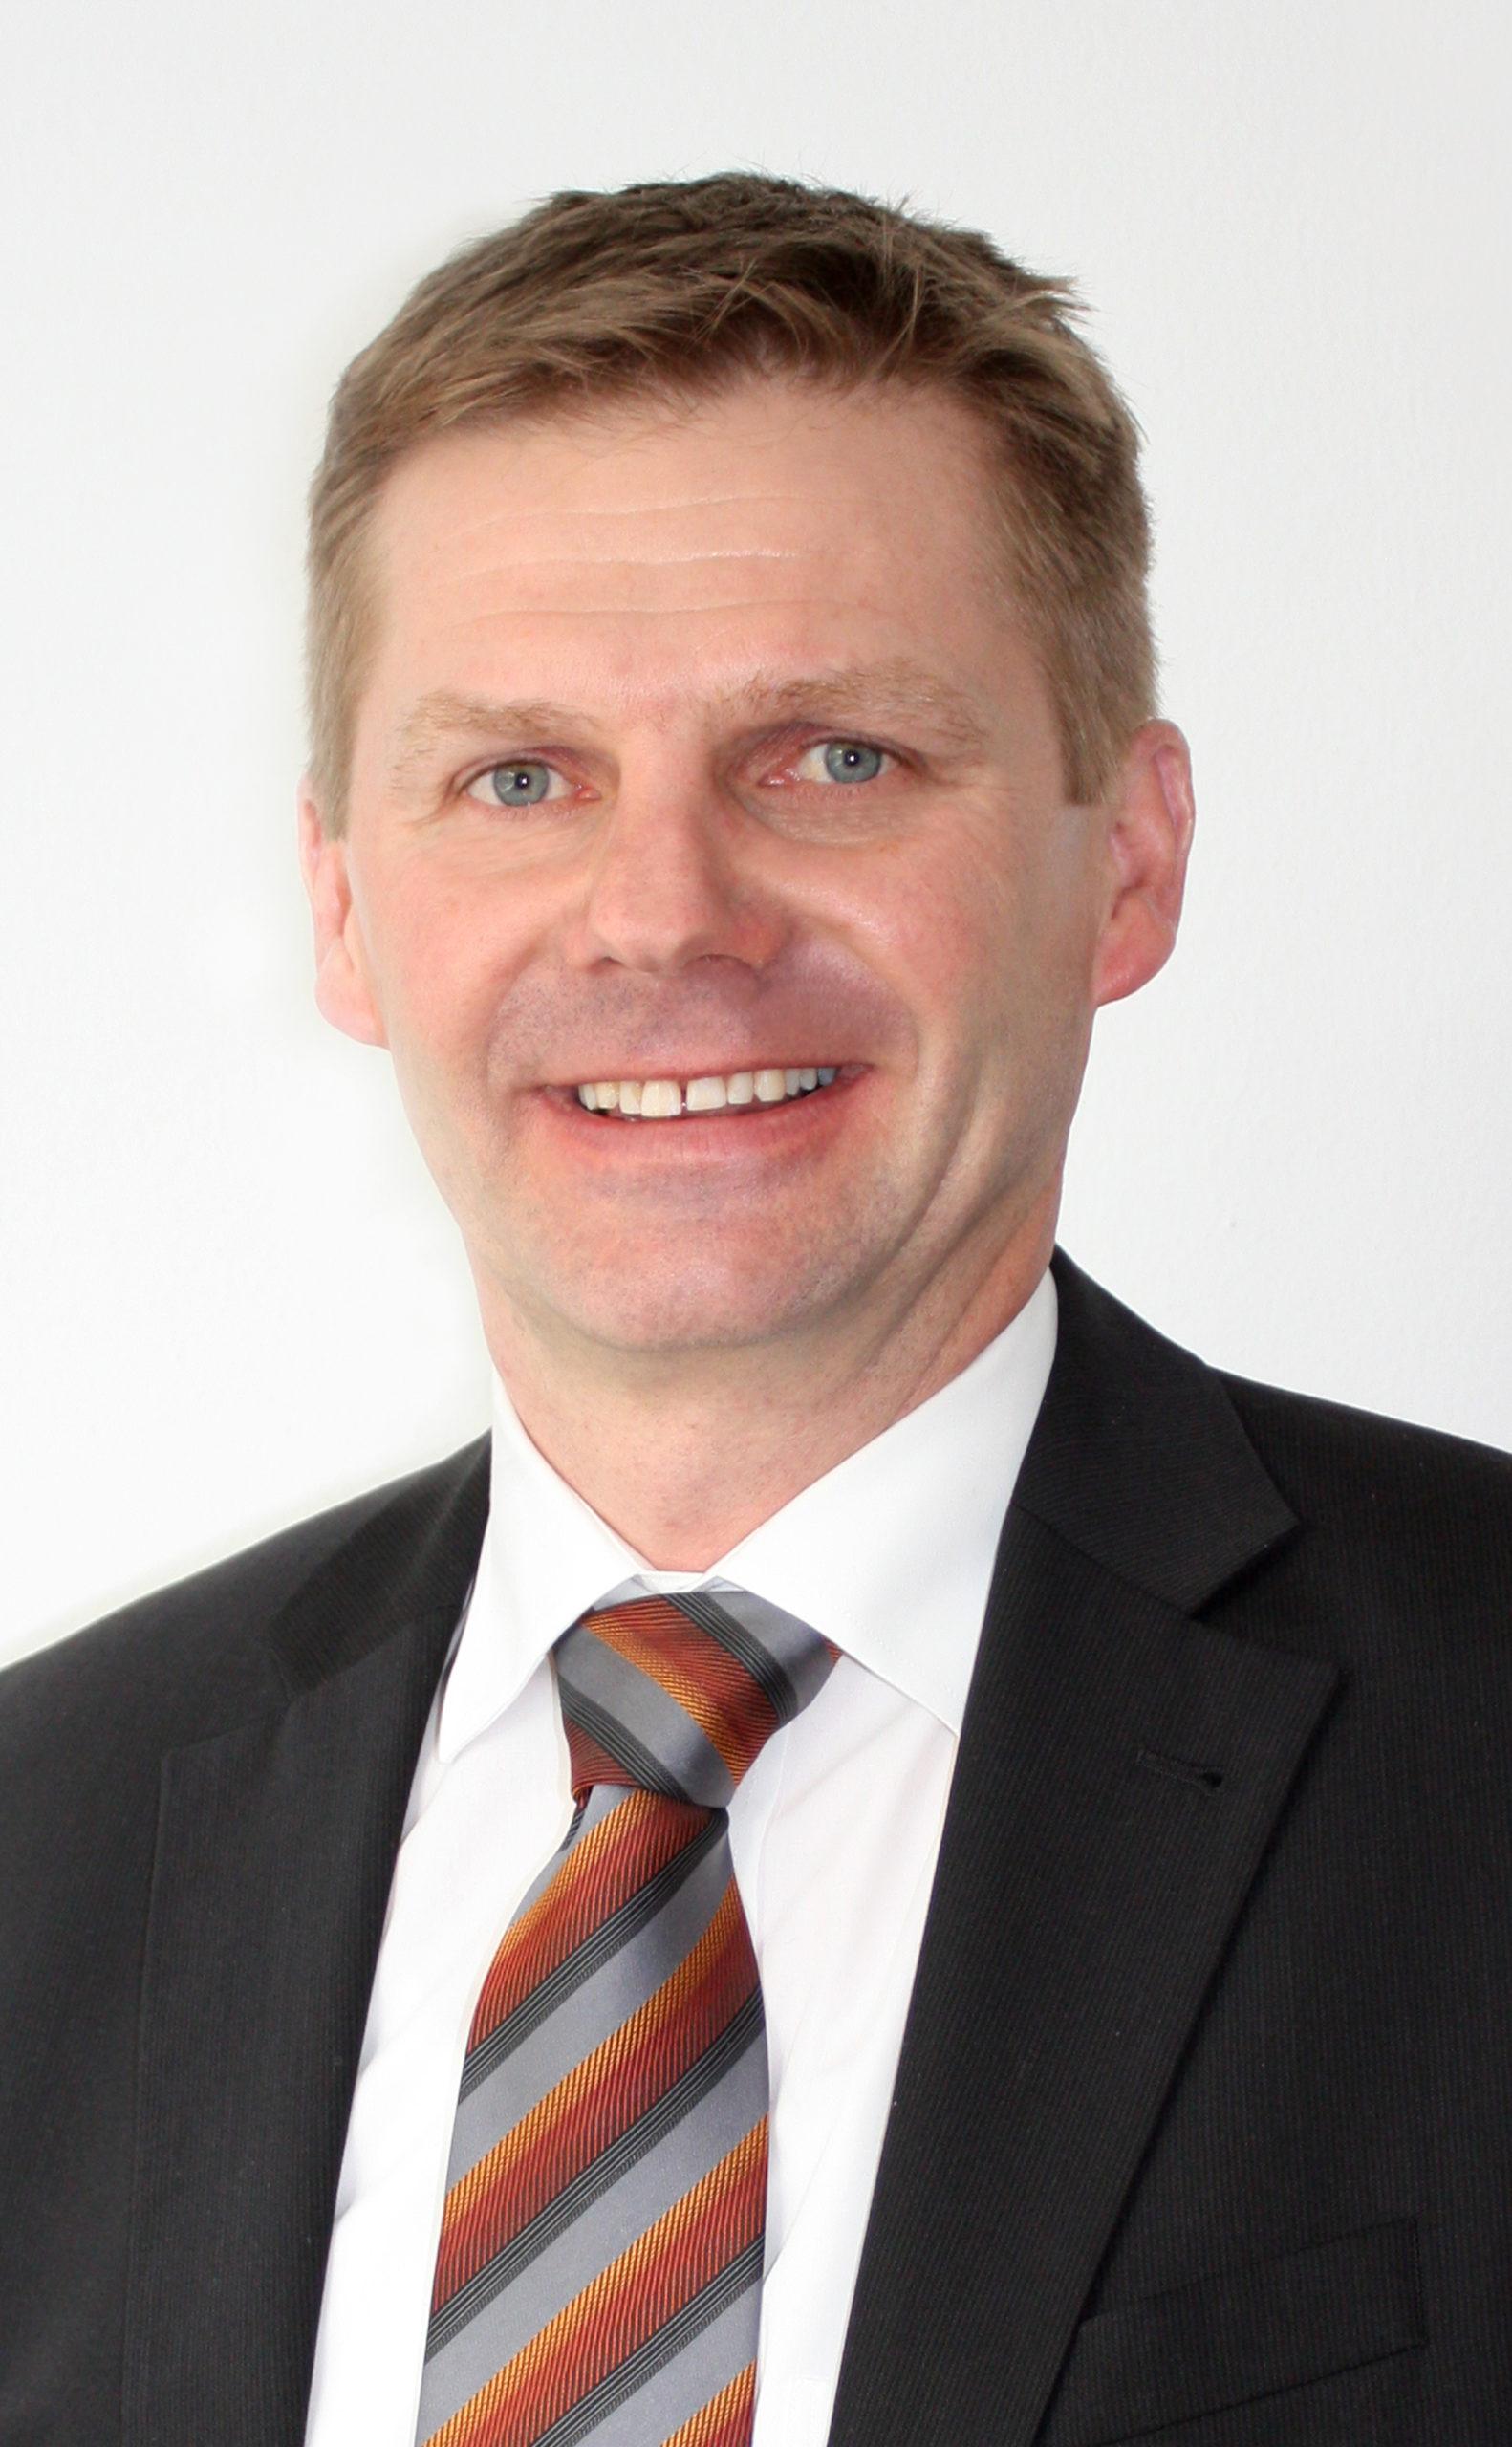 Gerhard Röhrl